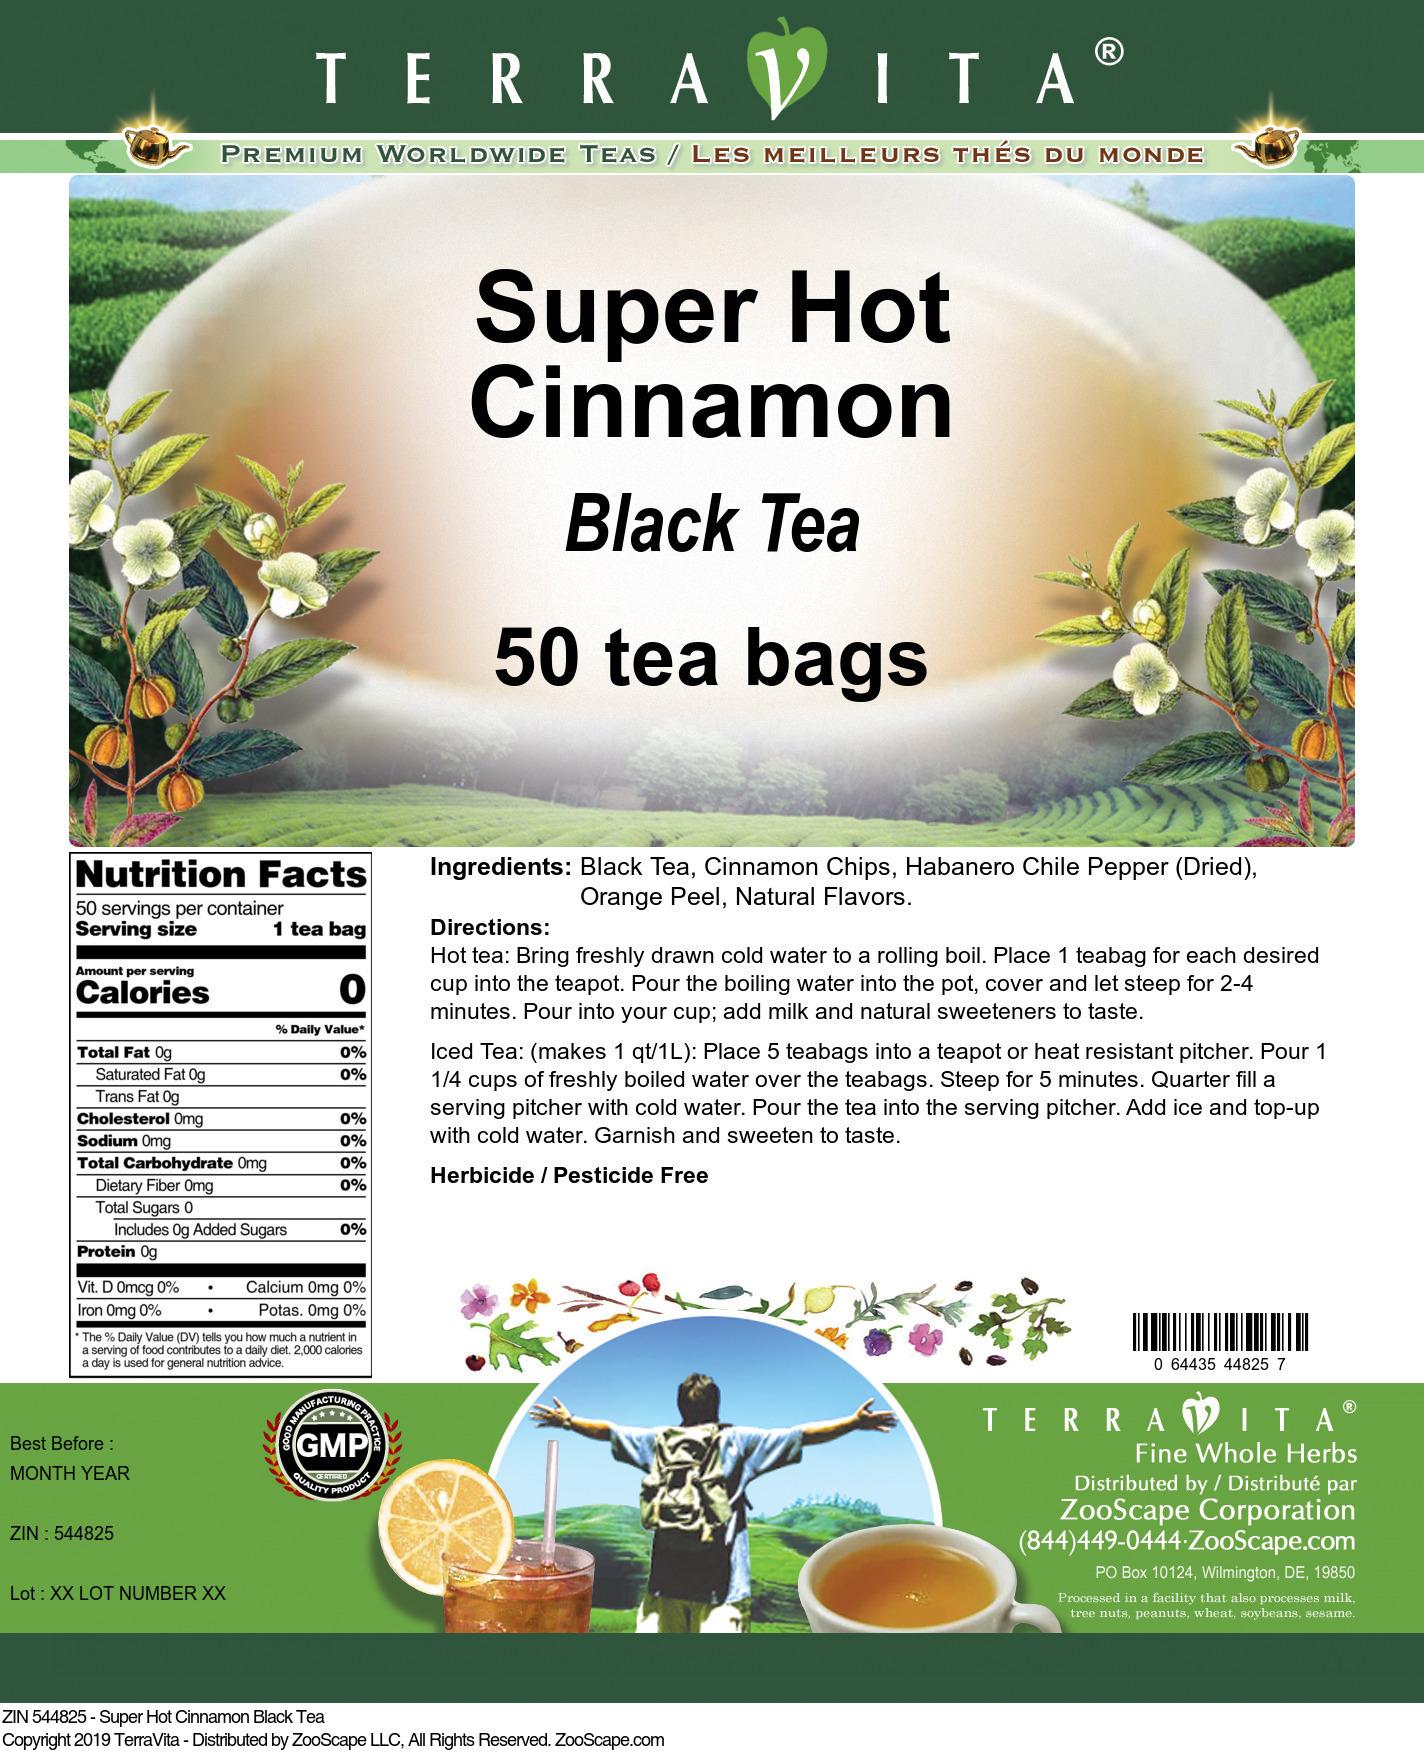 Super Hot Cinnamon Black Tea